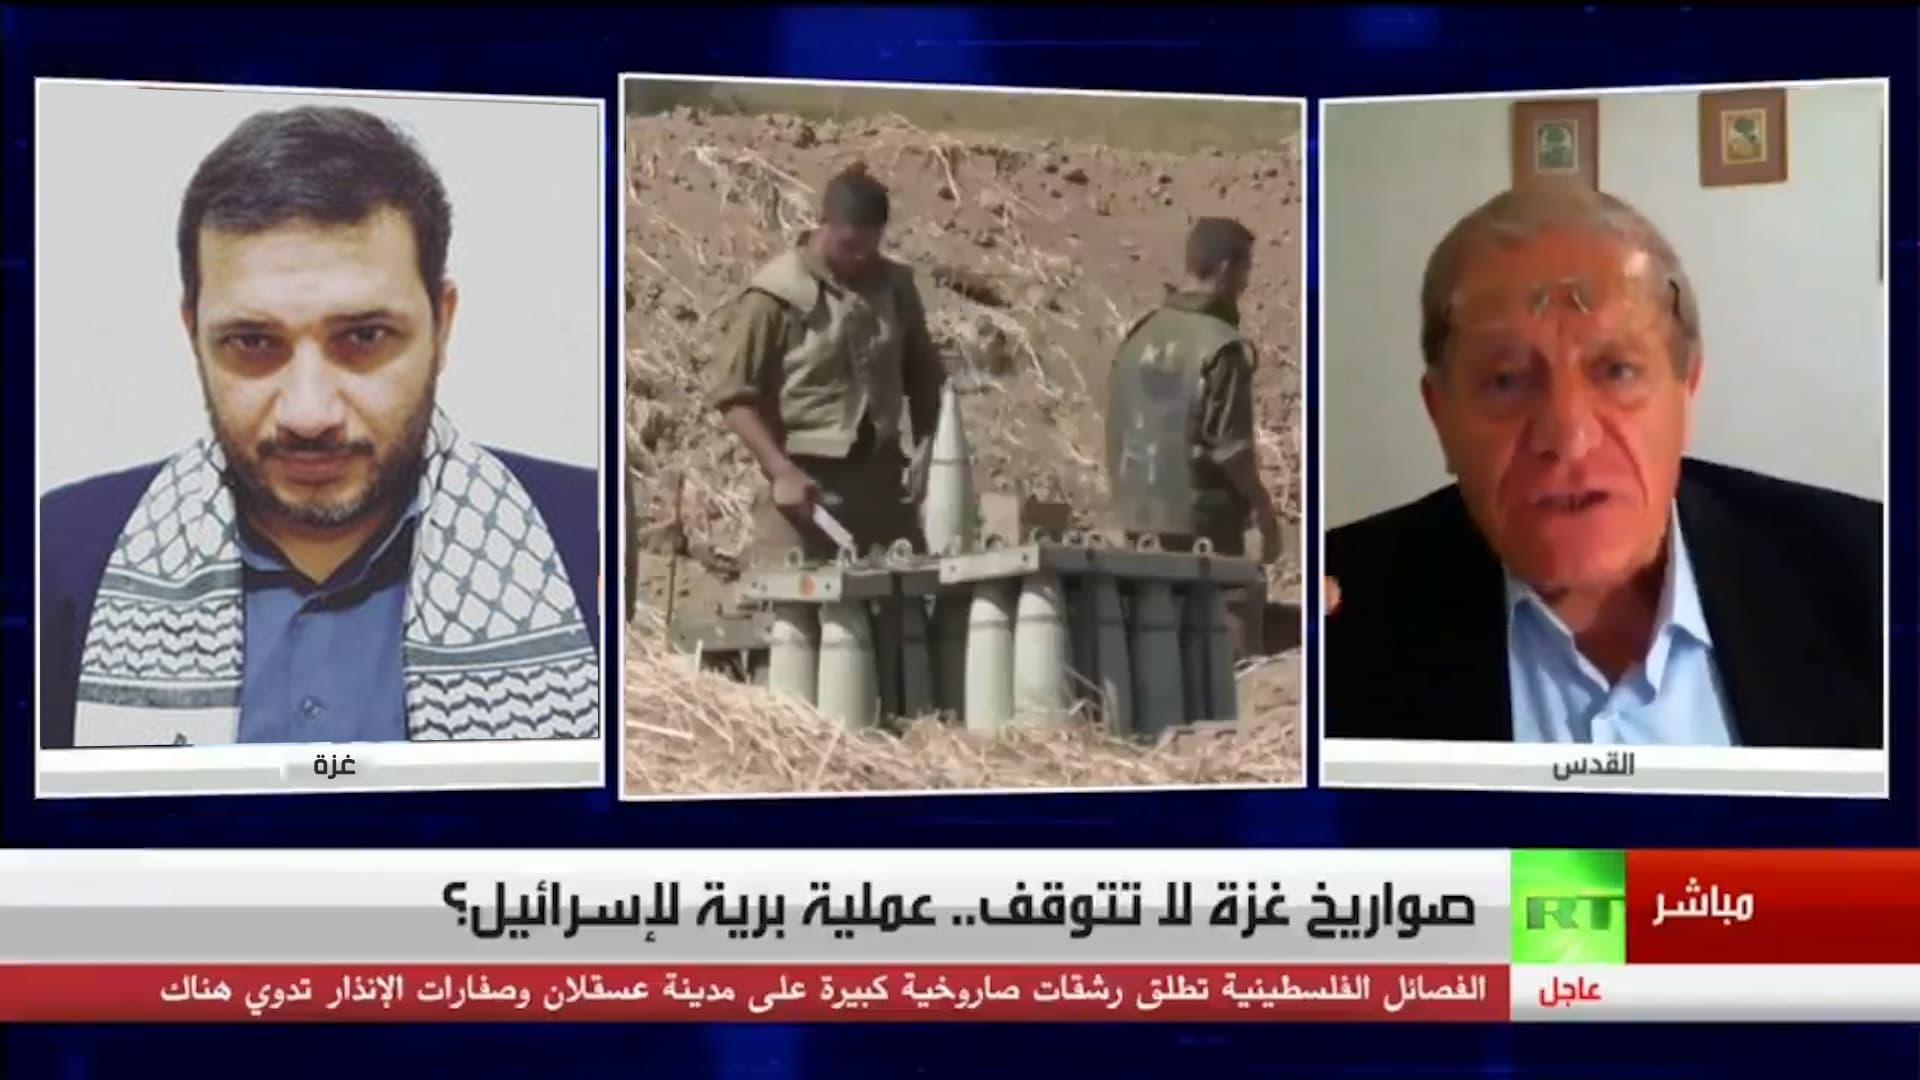 محلل سياسي اسرائيلي يهدد إبراهيم المدهون